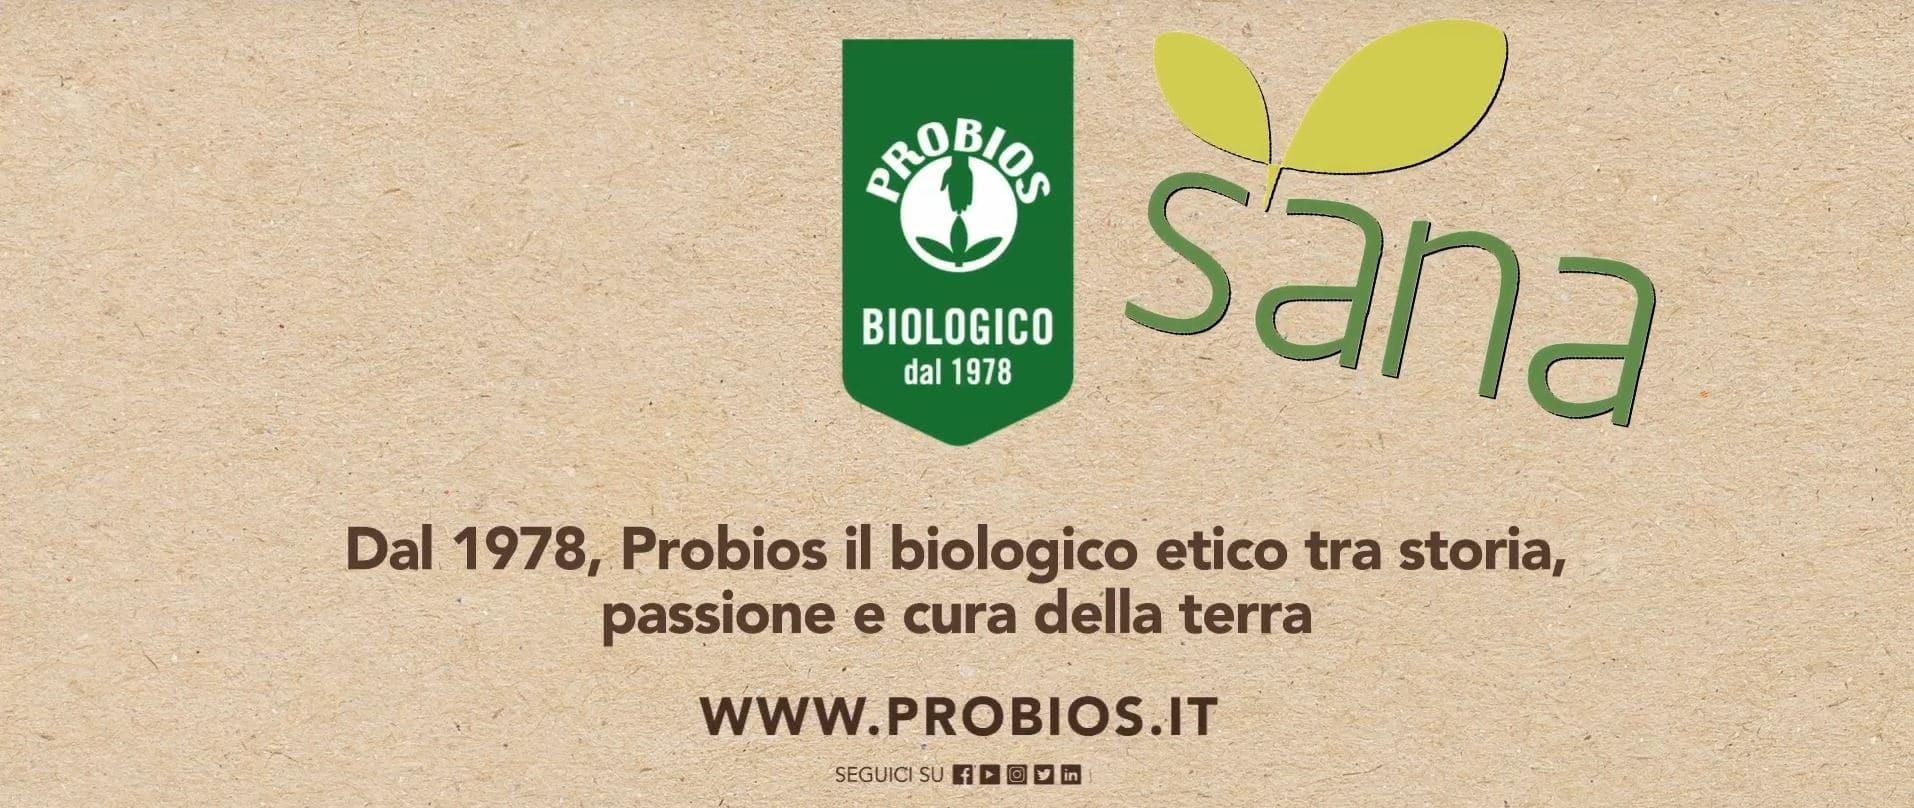 Il gusto autentico del biologico Probios in mostra a SANA 2019